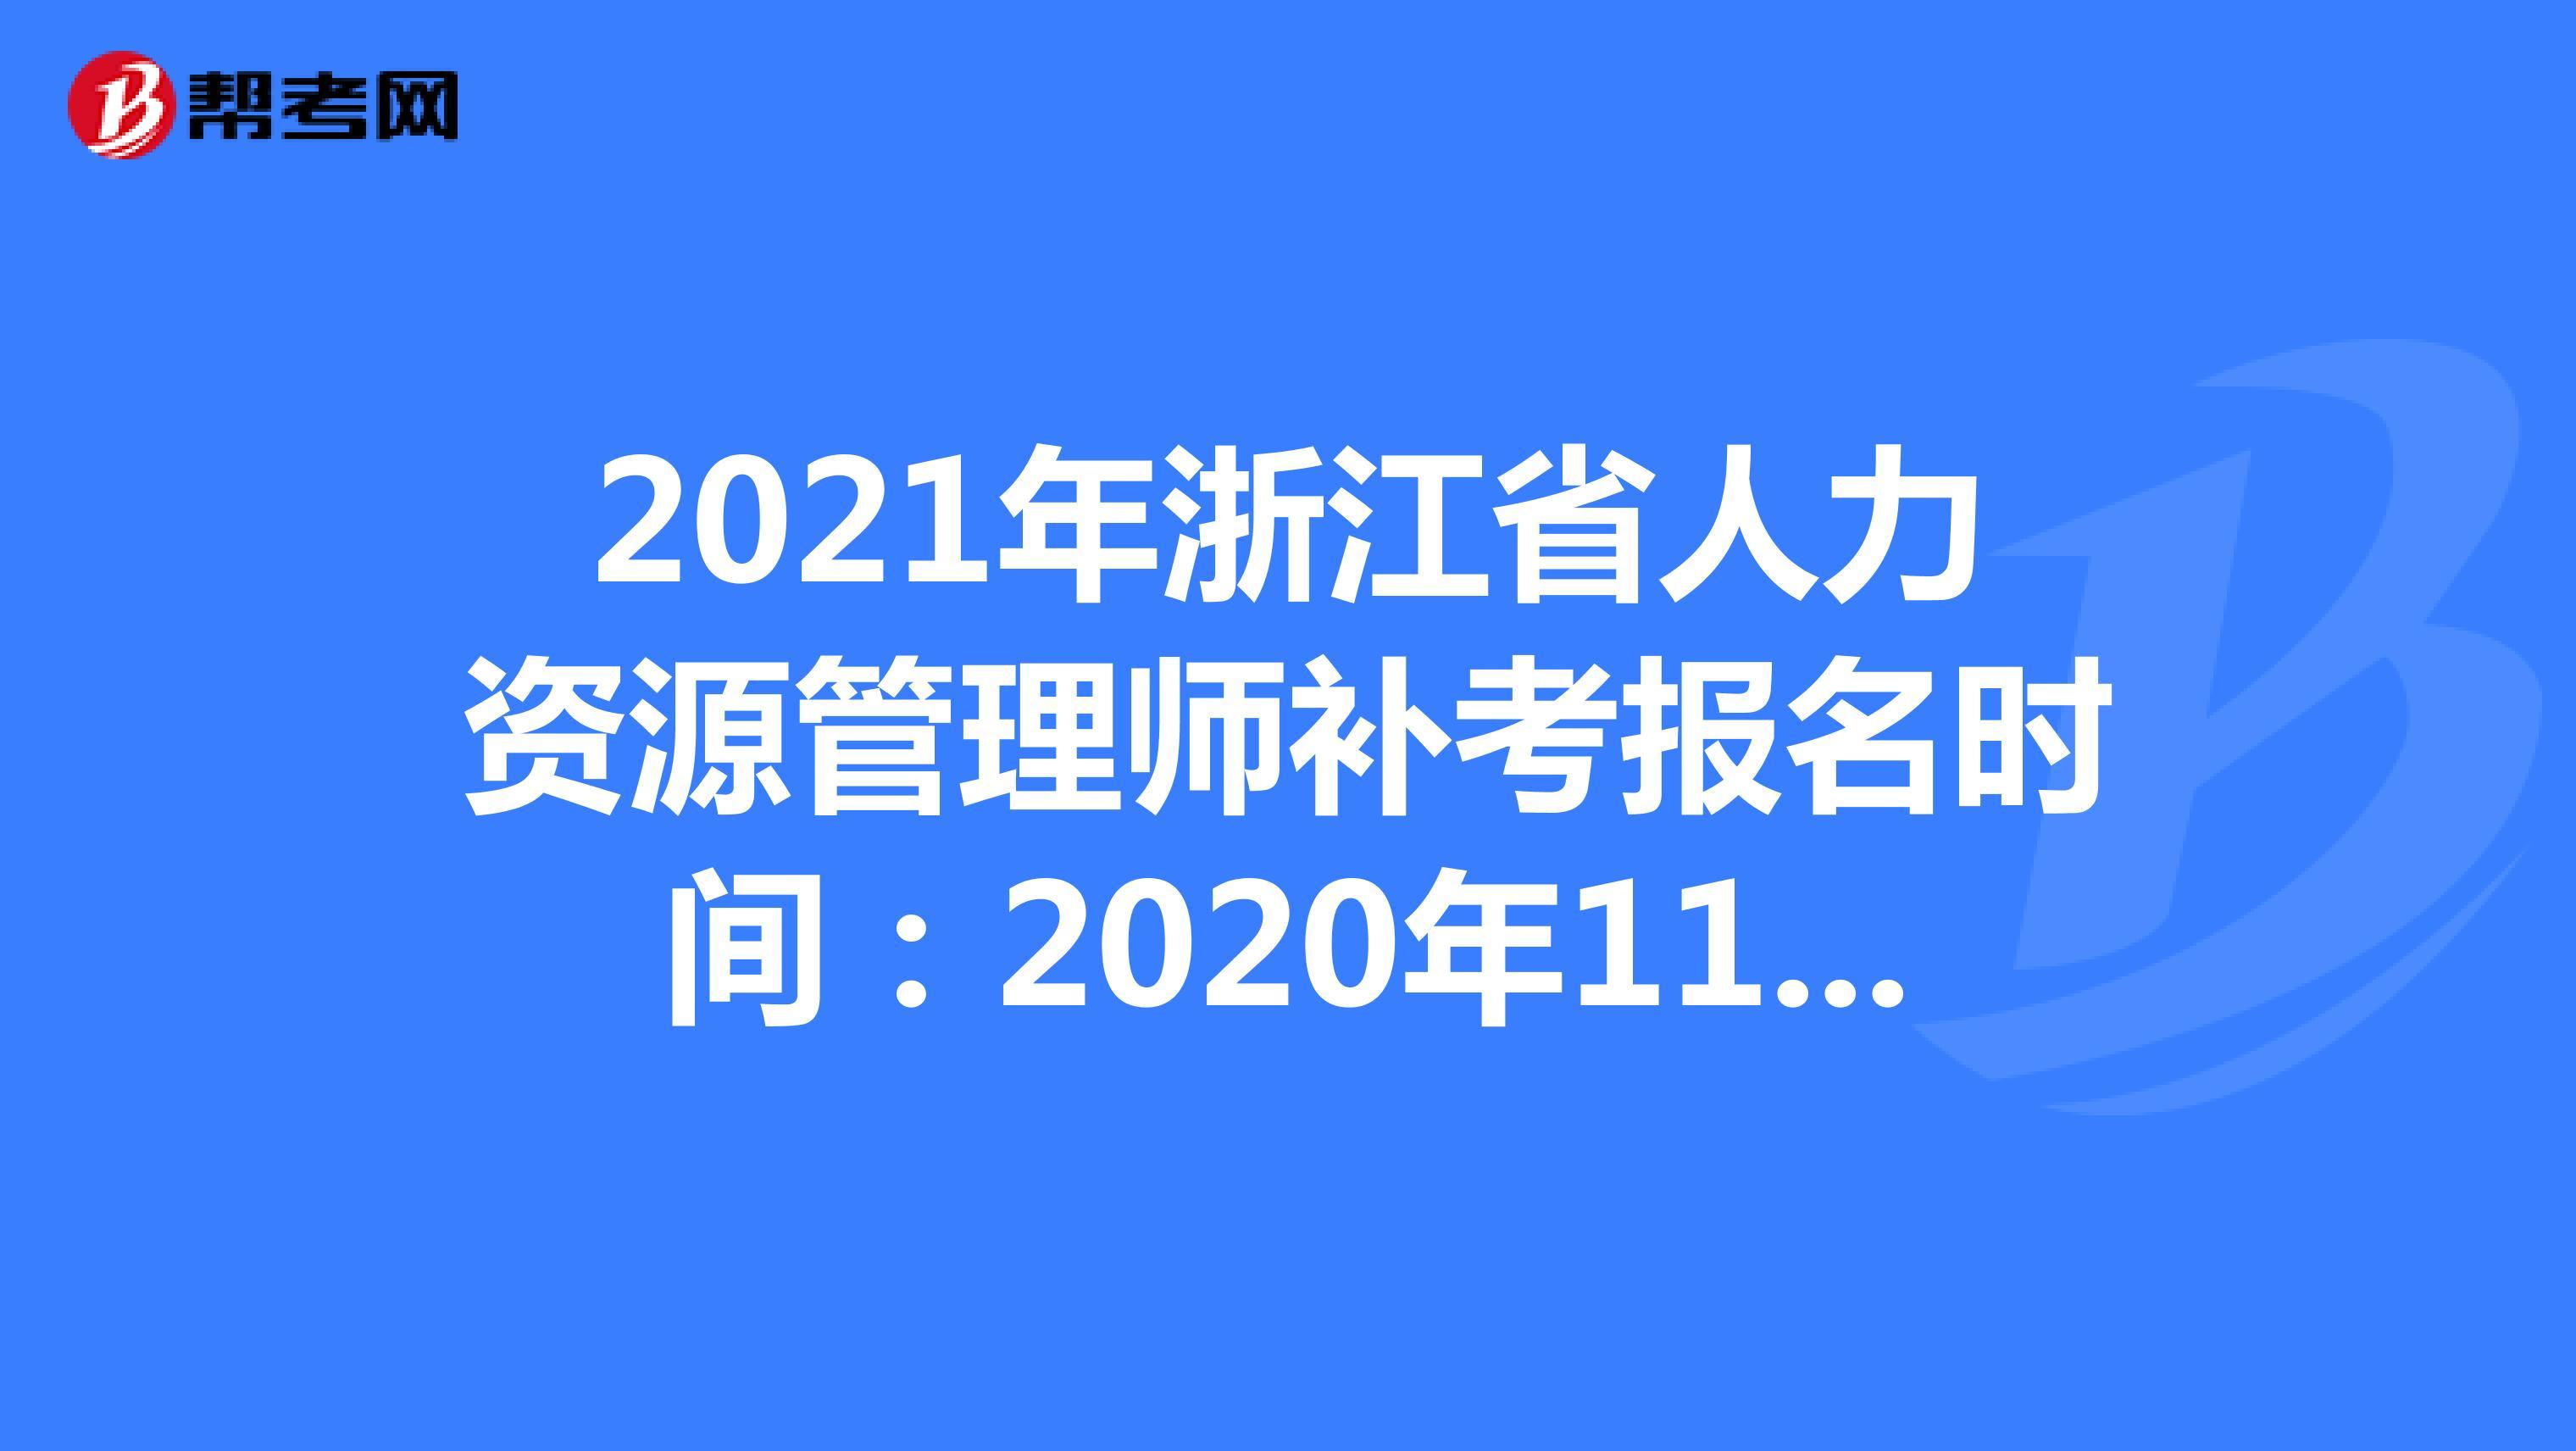 2021年浙江省人力資源管理師補考報名時間:2020年11月25日-12月1日